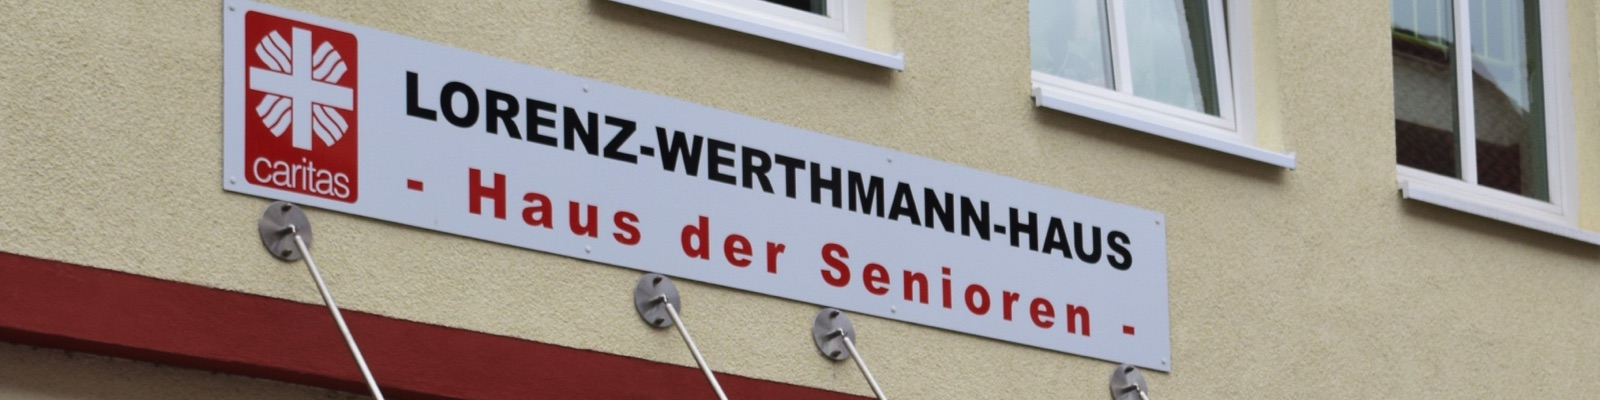 Lorzenz-Werthmann-Haus